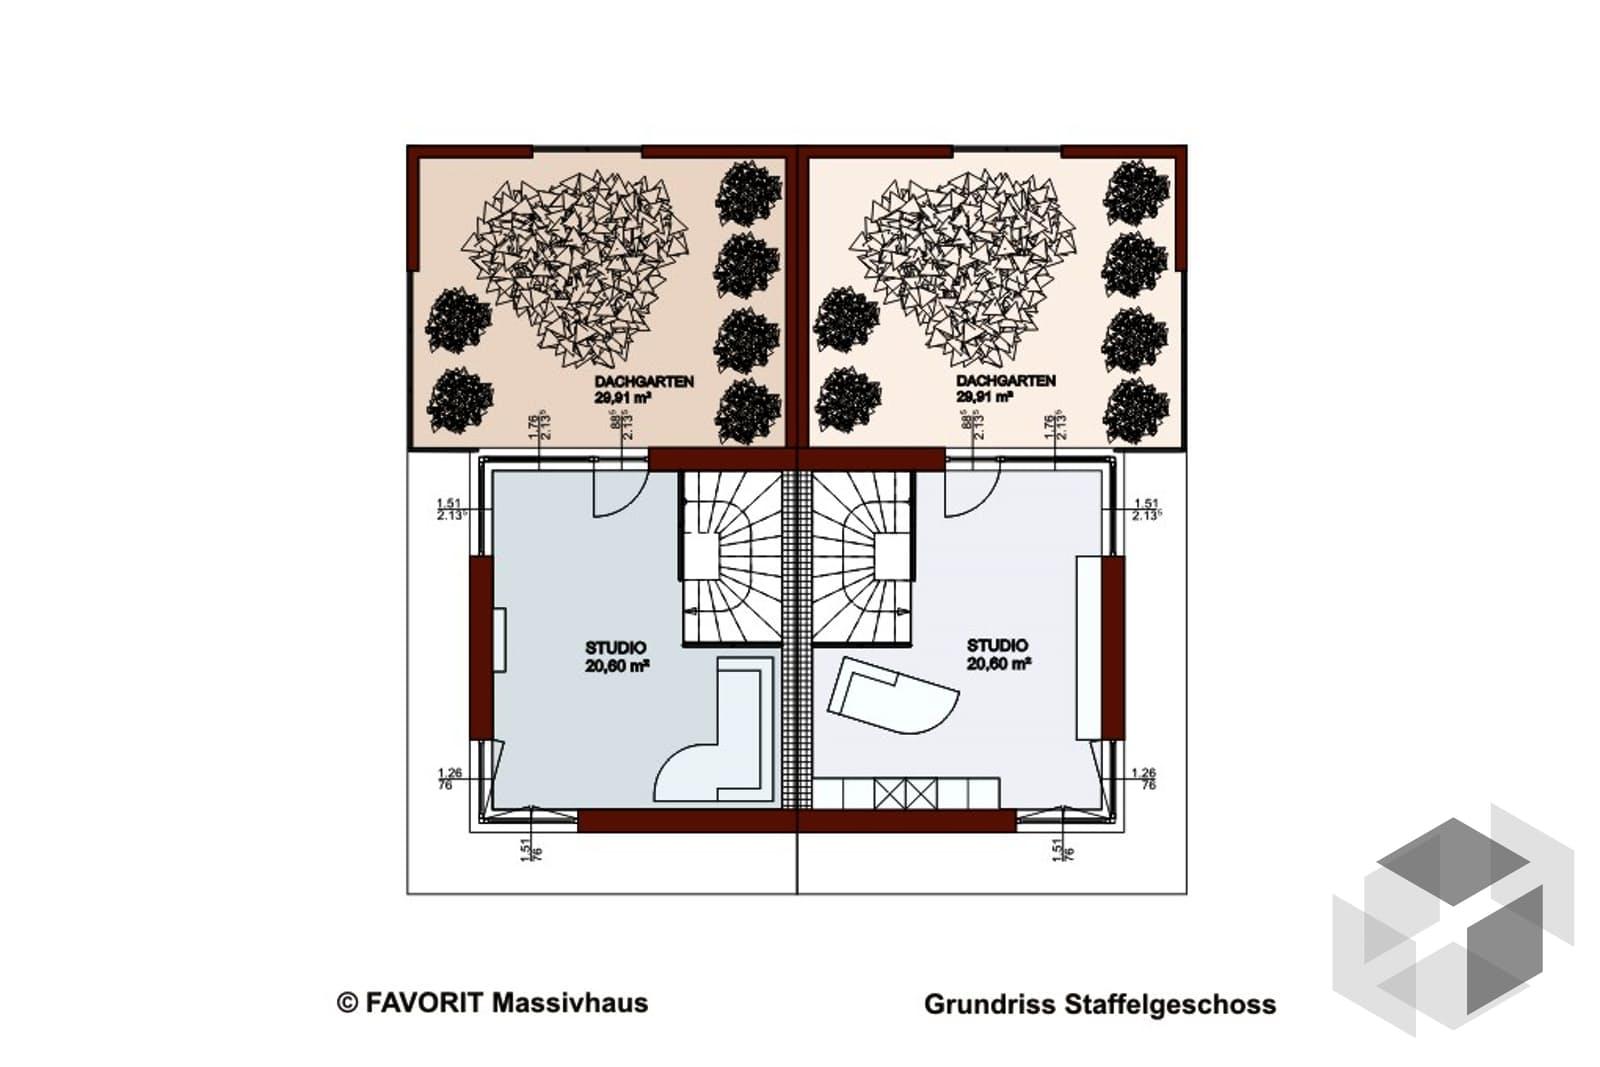 finesse 166 von favorit massivhaus komplette. Black Bedroom Furniture Sets. Home Design Ideas